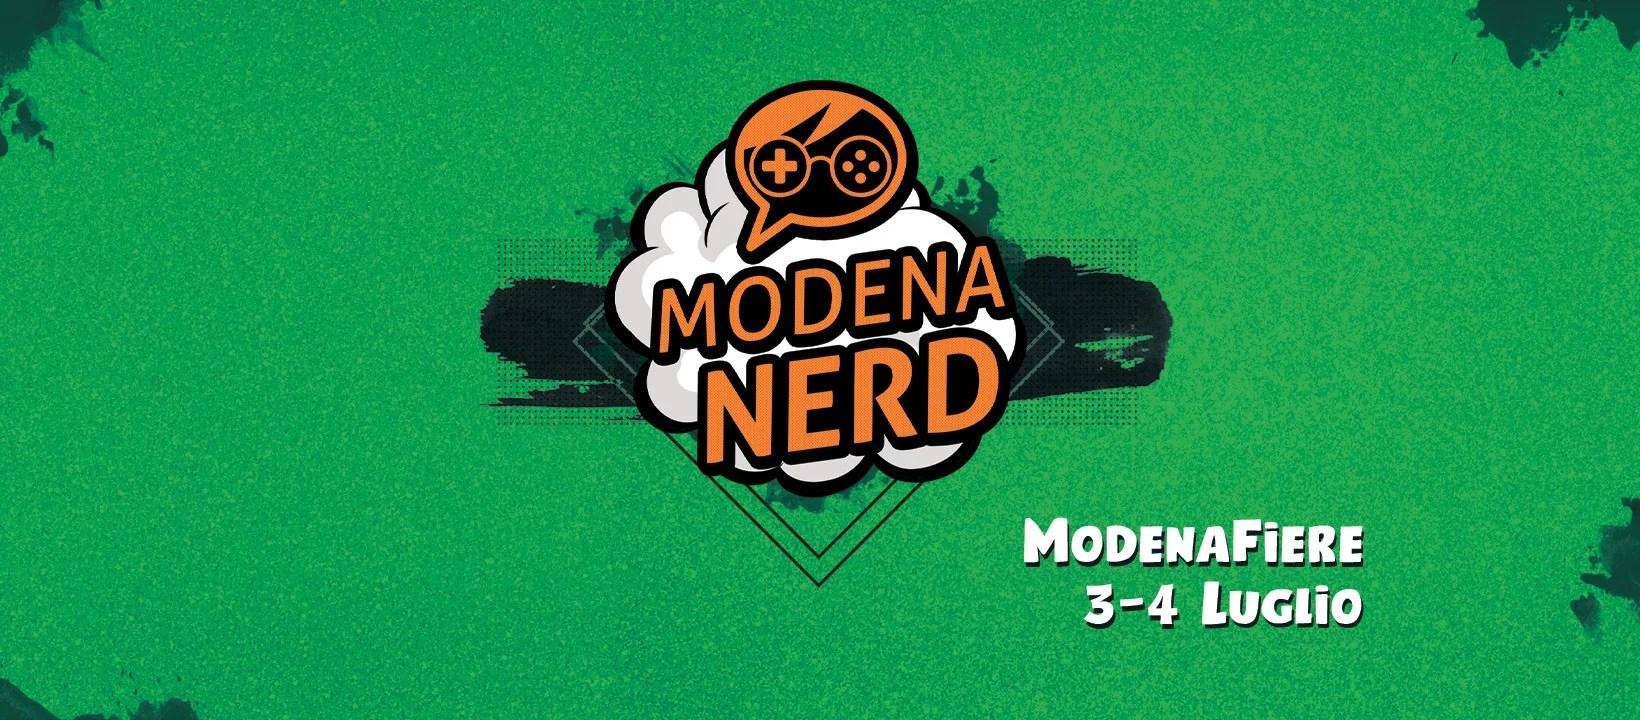 Modena Nerd 3-4 Luglio 2021